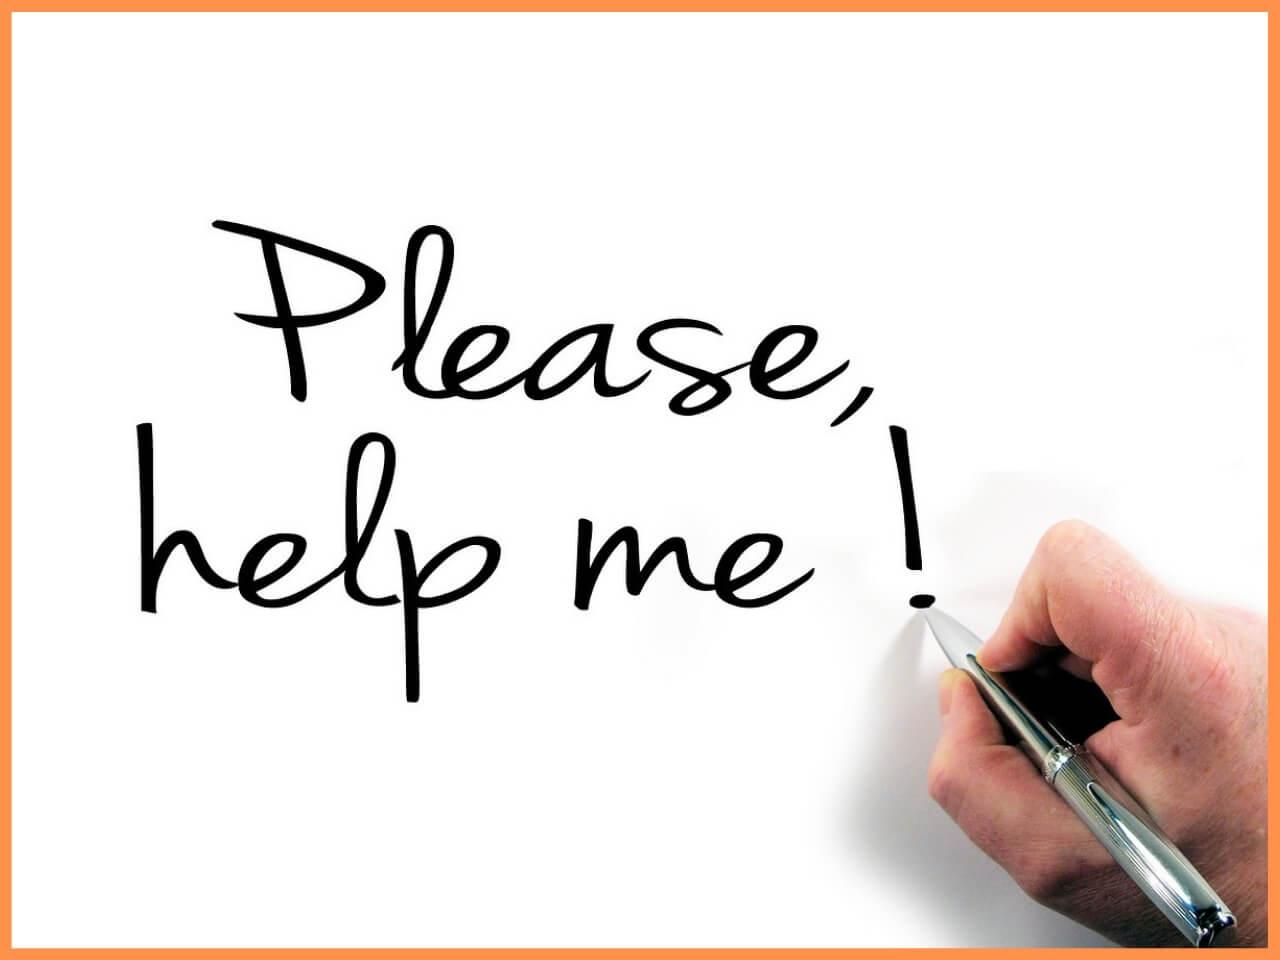 助けてくださいと英語で書く